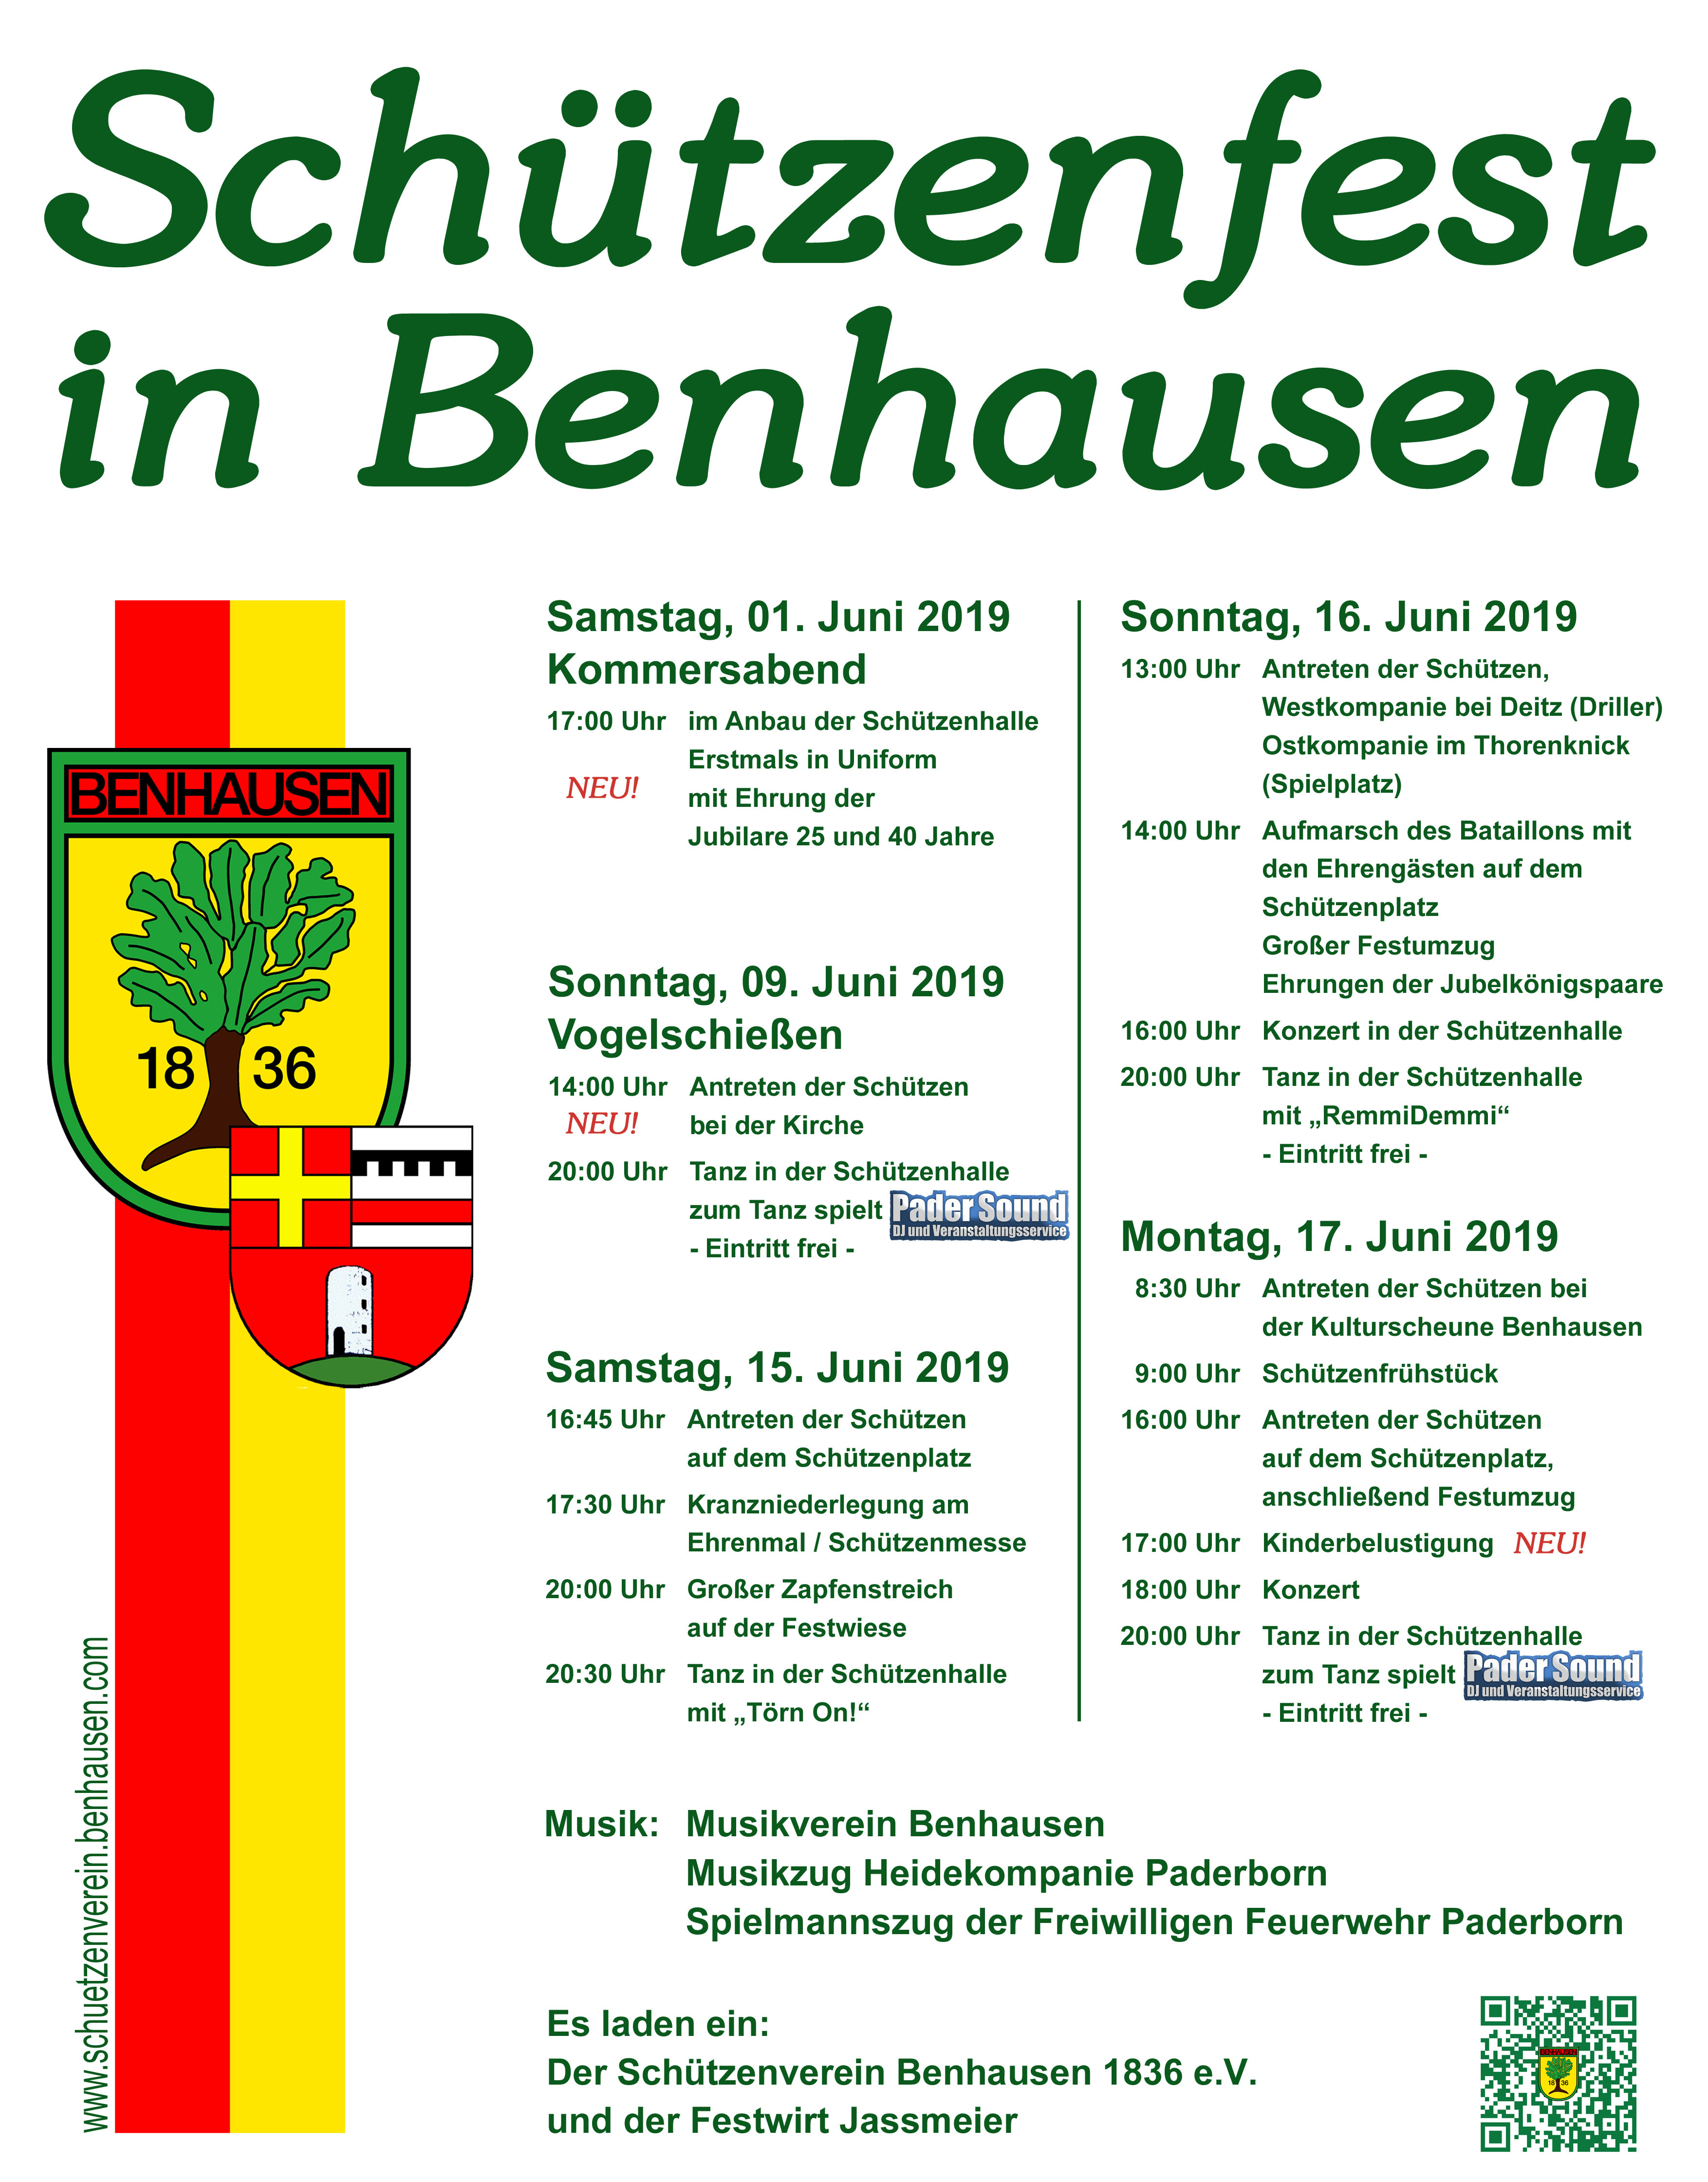 schützenverein benhausen